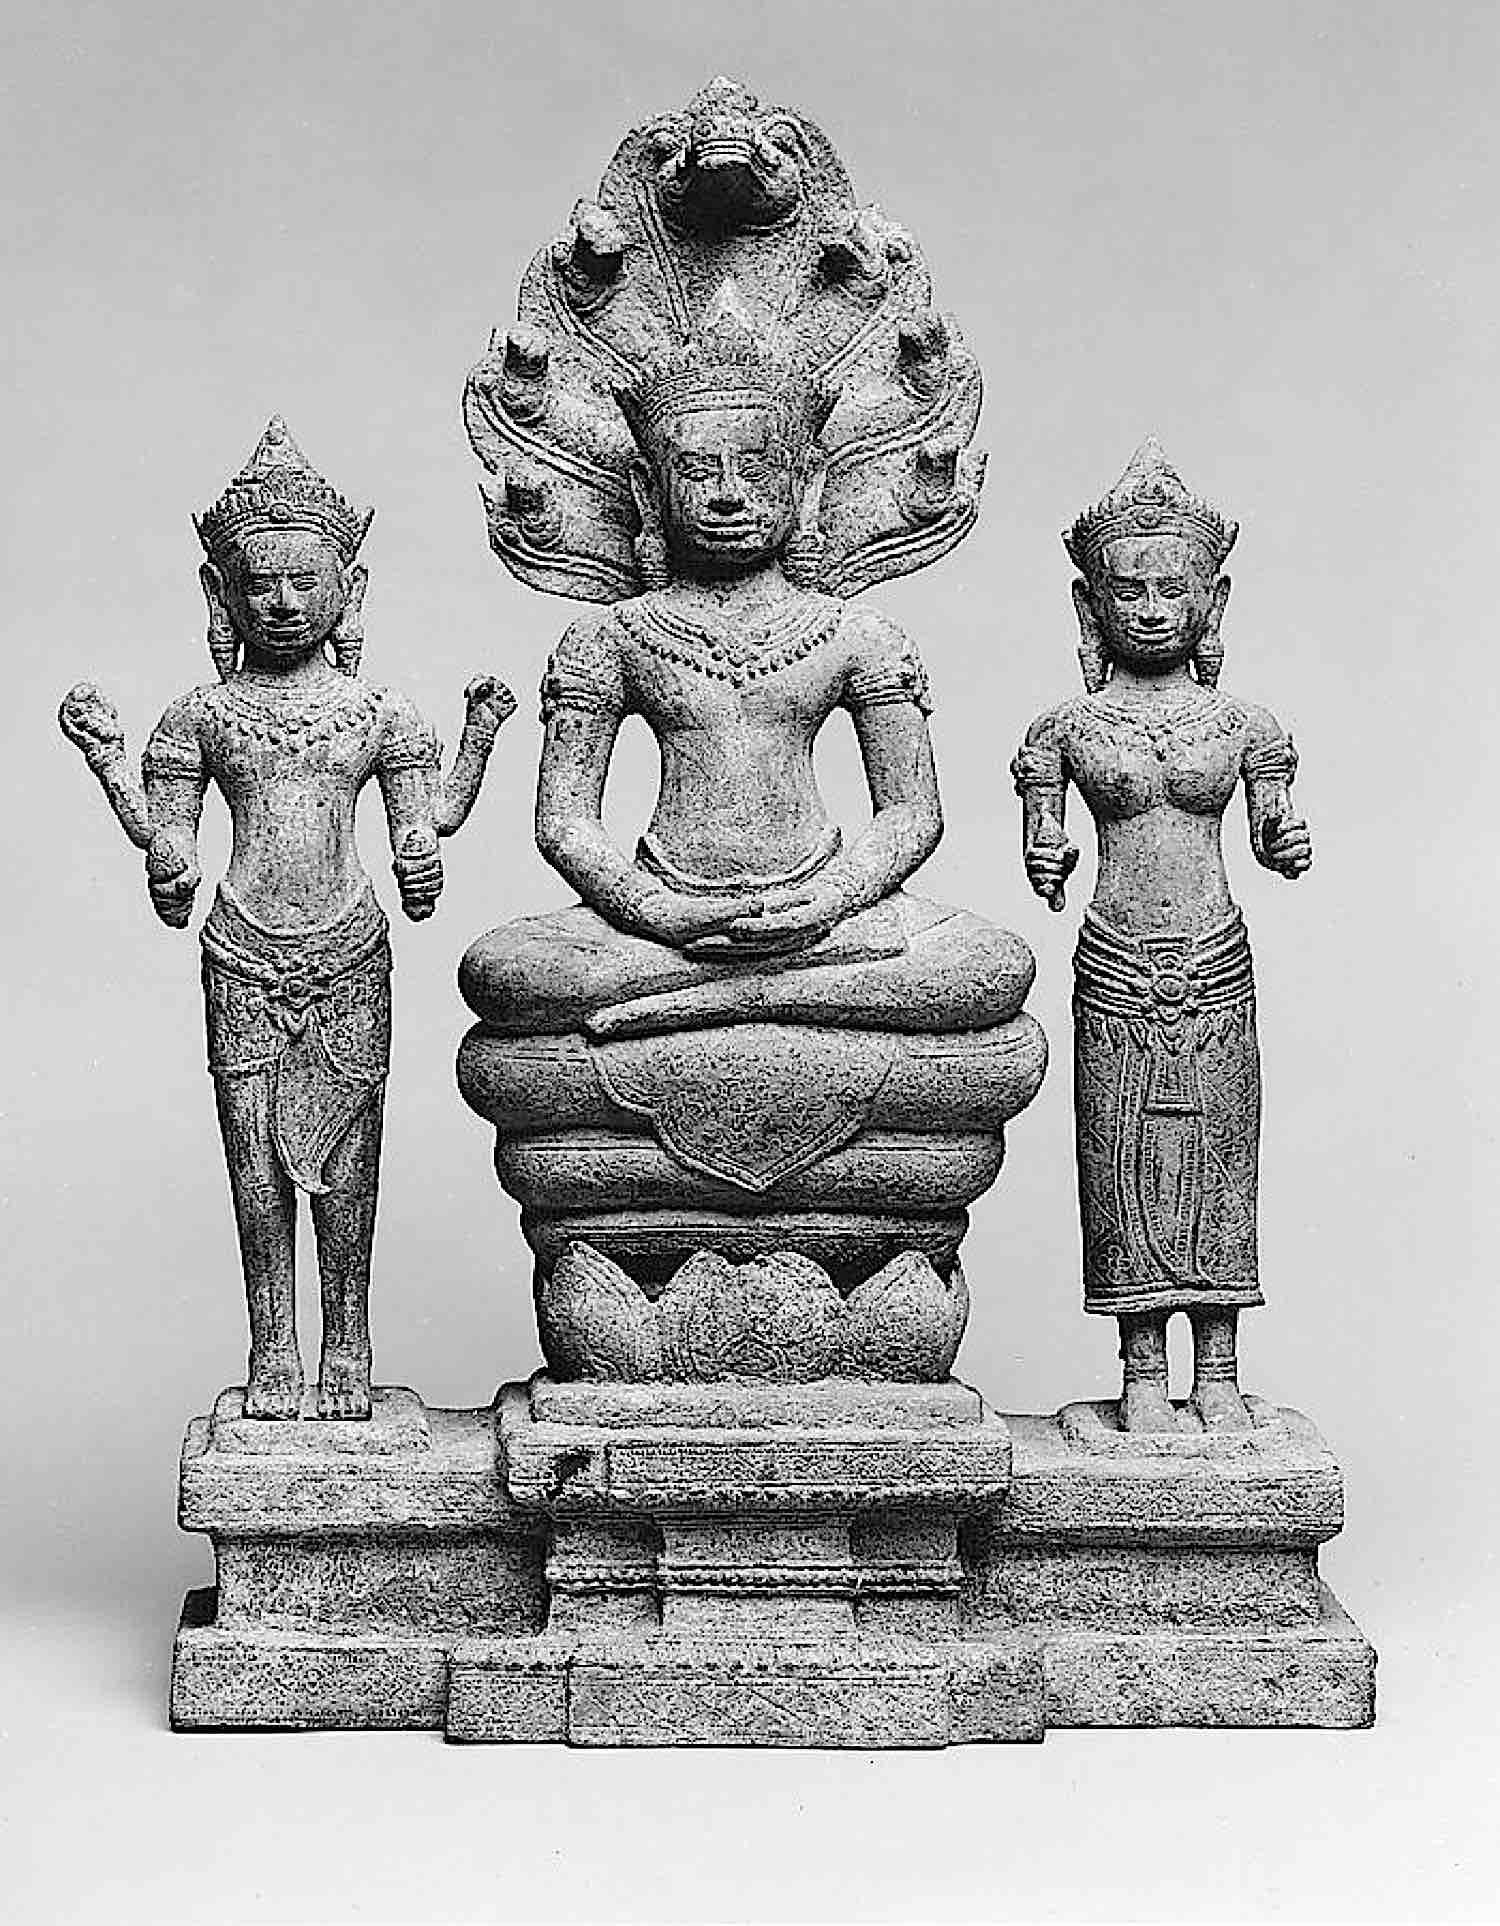 Buddha Weekly Naga Protected Buddha with Avalokiteshvara and Prajnaparamita sculpture 12th Century Buddhism